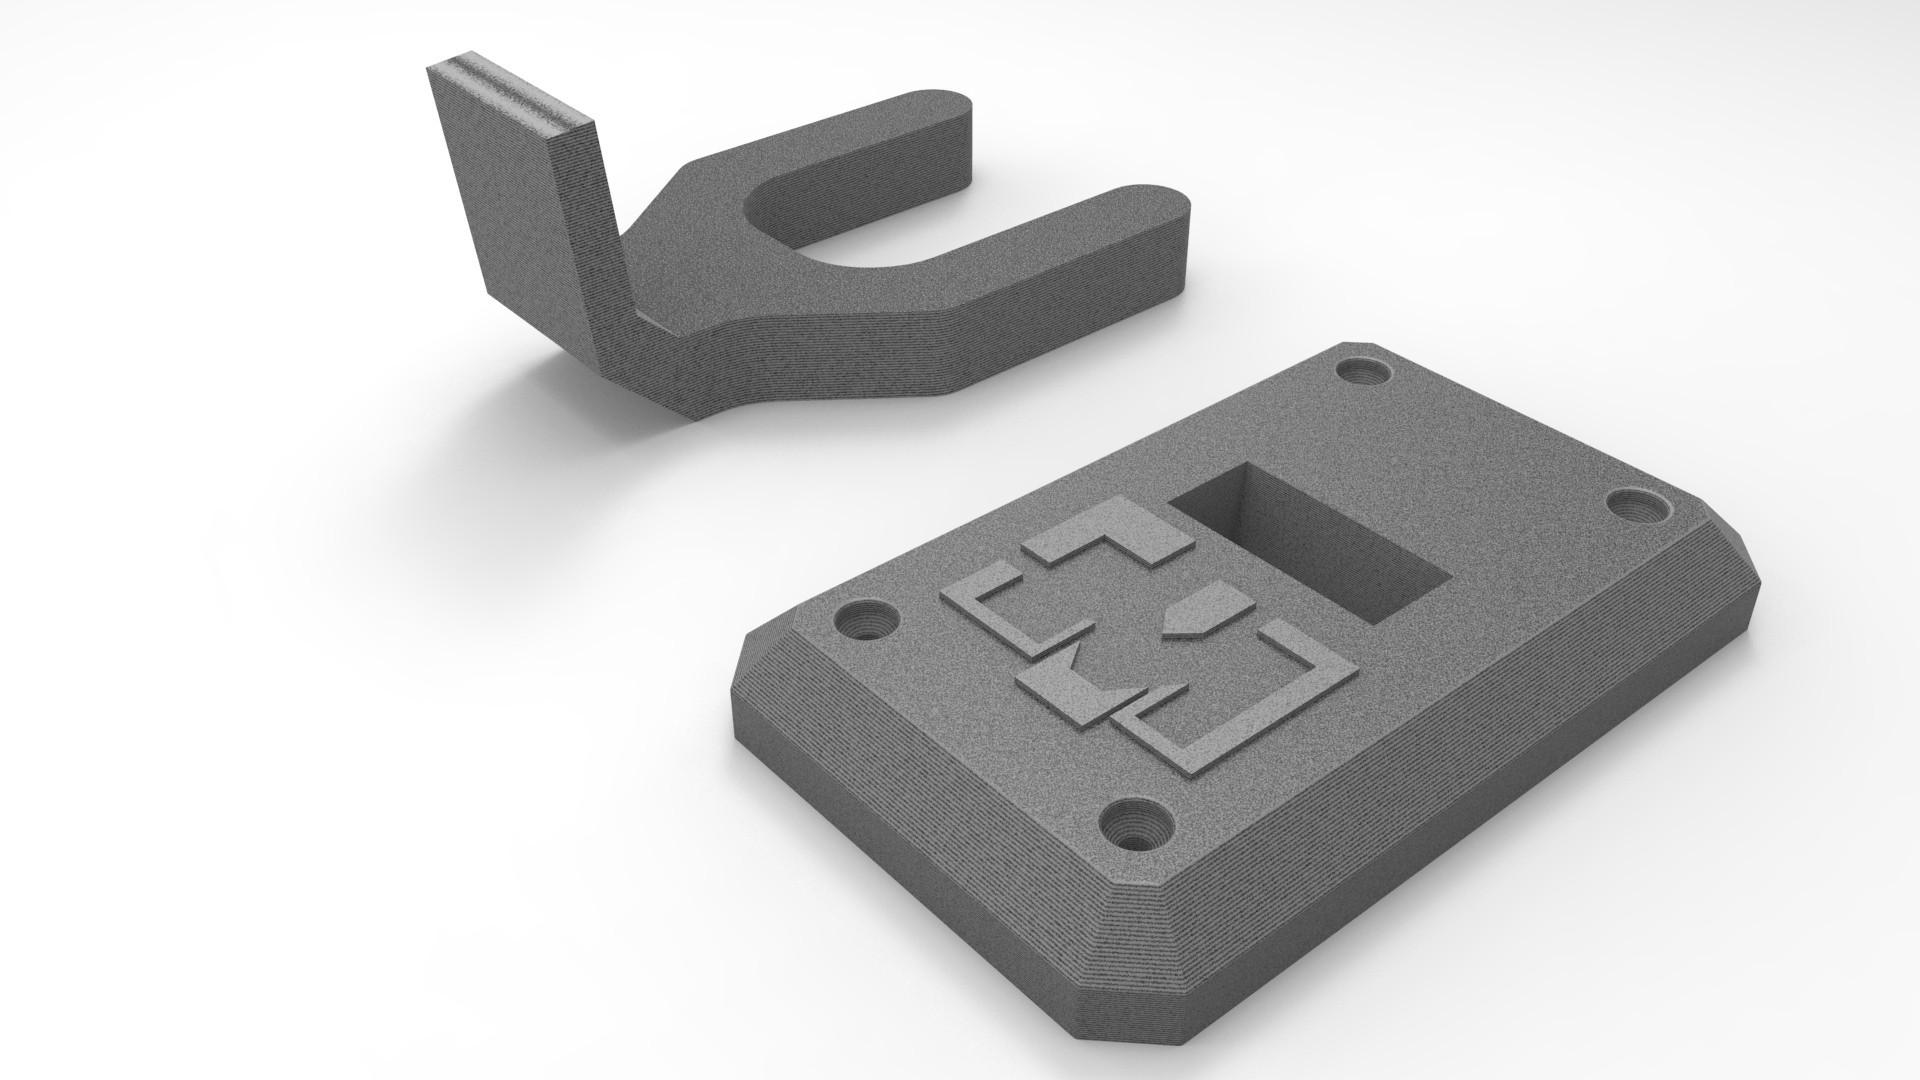 untitled.433.jpg Télécharger fichier STL gratuit support de guitare • Design à imprimer en 3D, marinmau